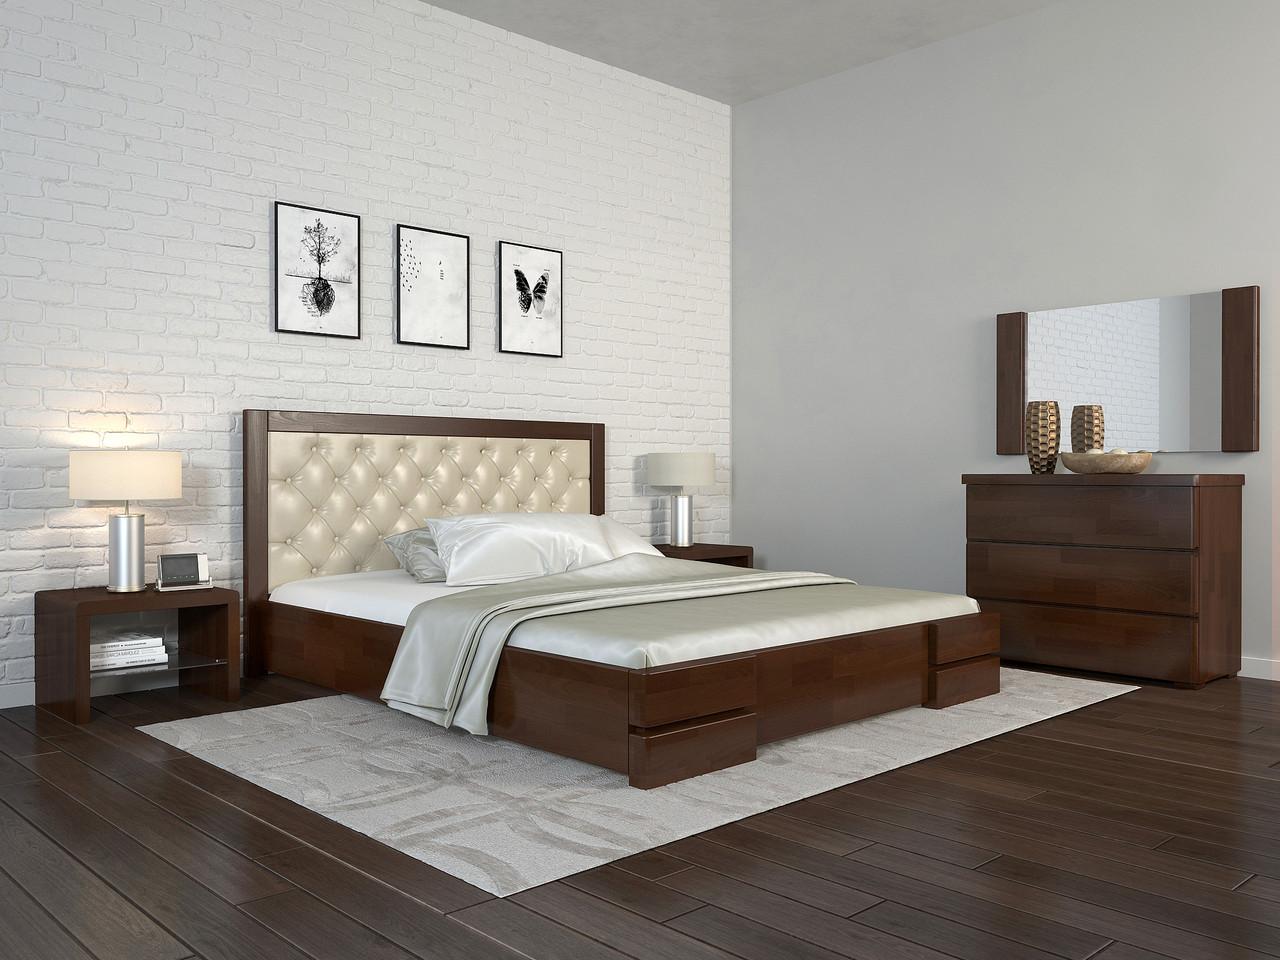 Ліжко з механізмом Arbordrev Регіна люкс ромби (160*190) бук